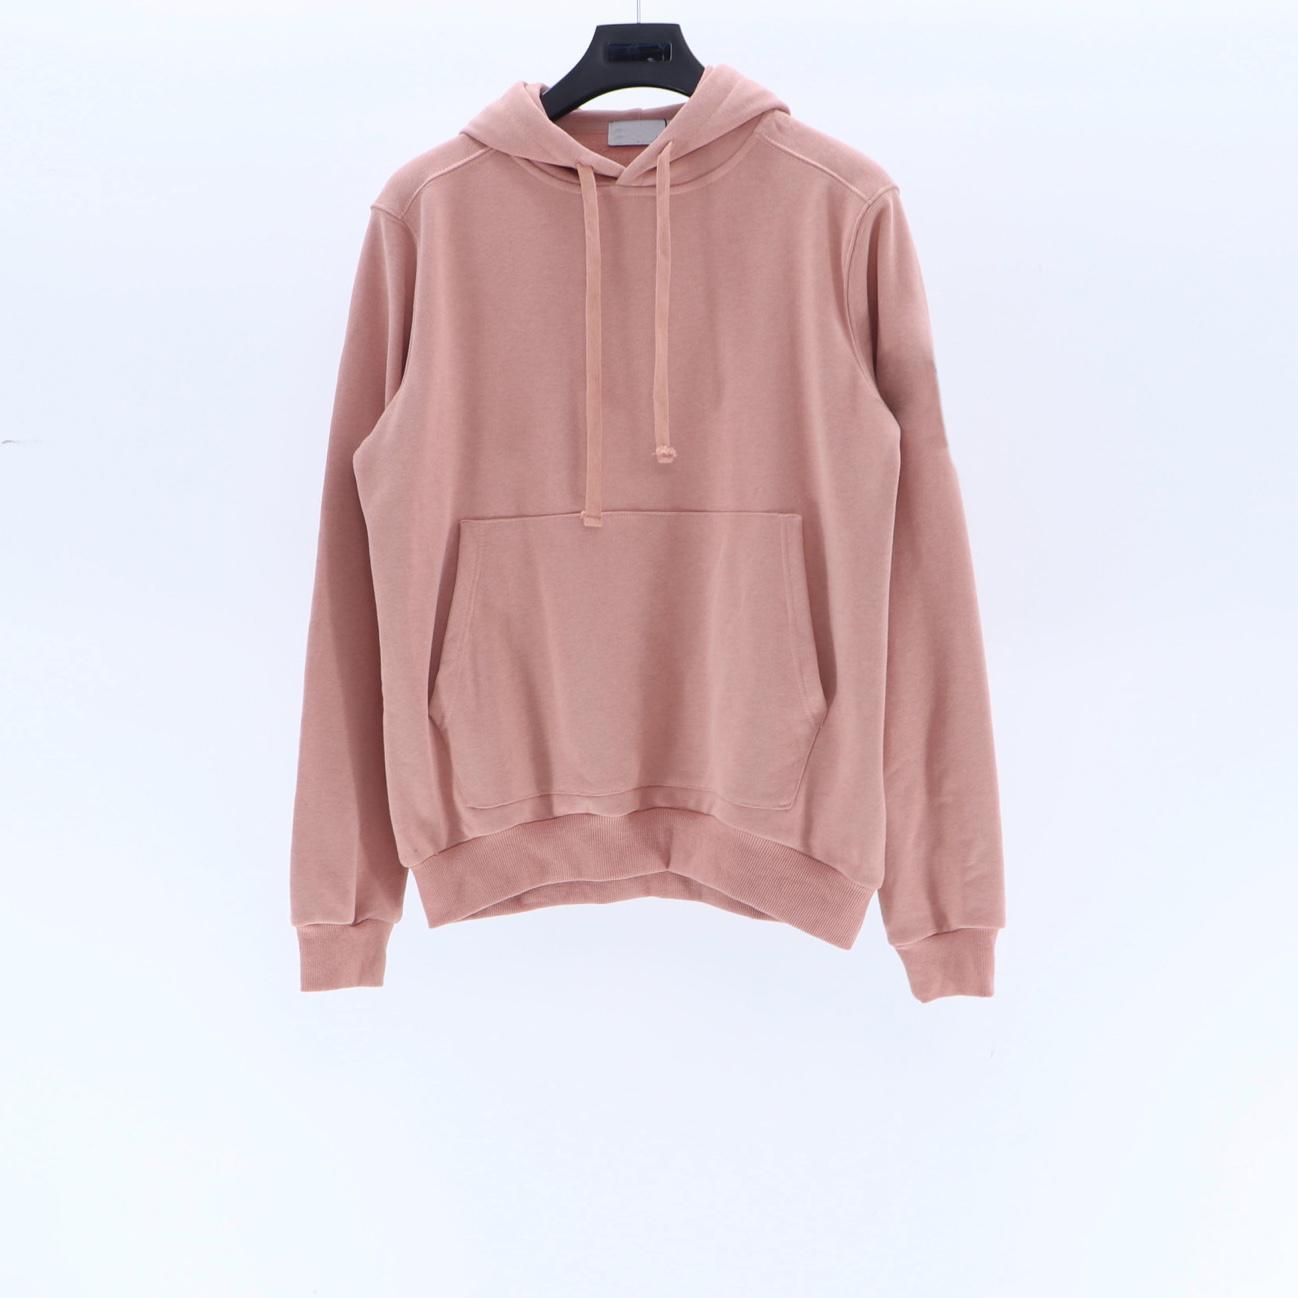 21ss новенькие мужские дизайнеры свитера мужские толстовки толстовки пуловер мужчины женщины с капюшоном толстовки мода стиль осень и зимняя пара